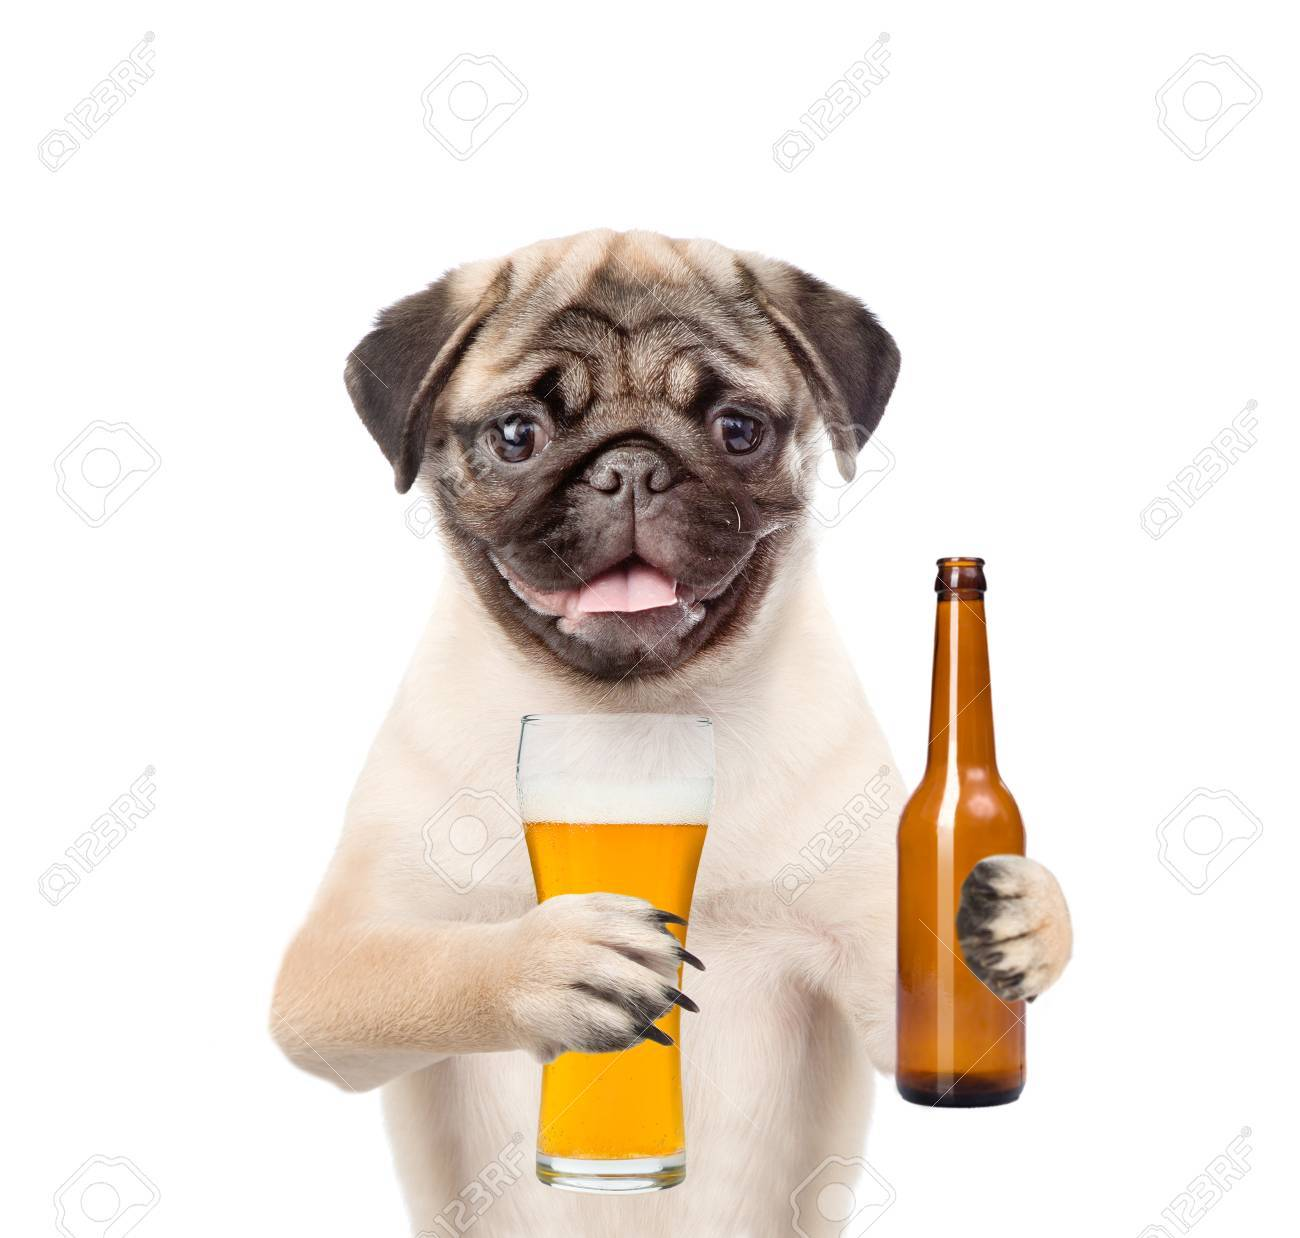 Fabulous Grappige Puppy Met Een Glas Bier En Fles. Geïsoleerd Op Een Witte &PL02